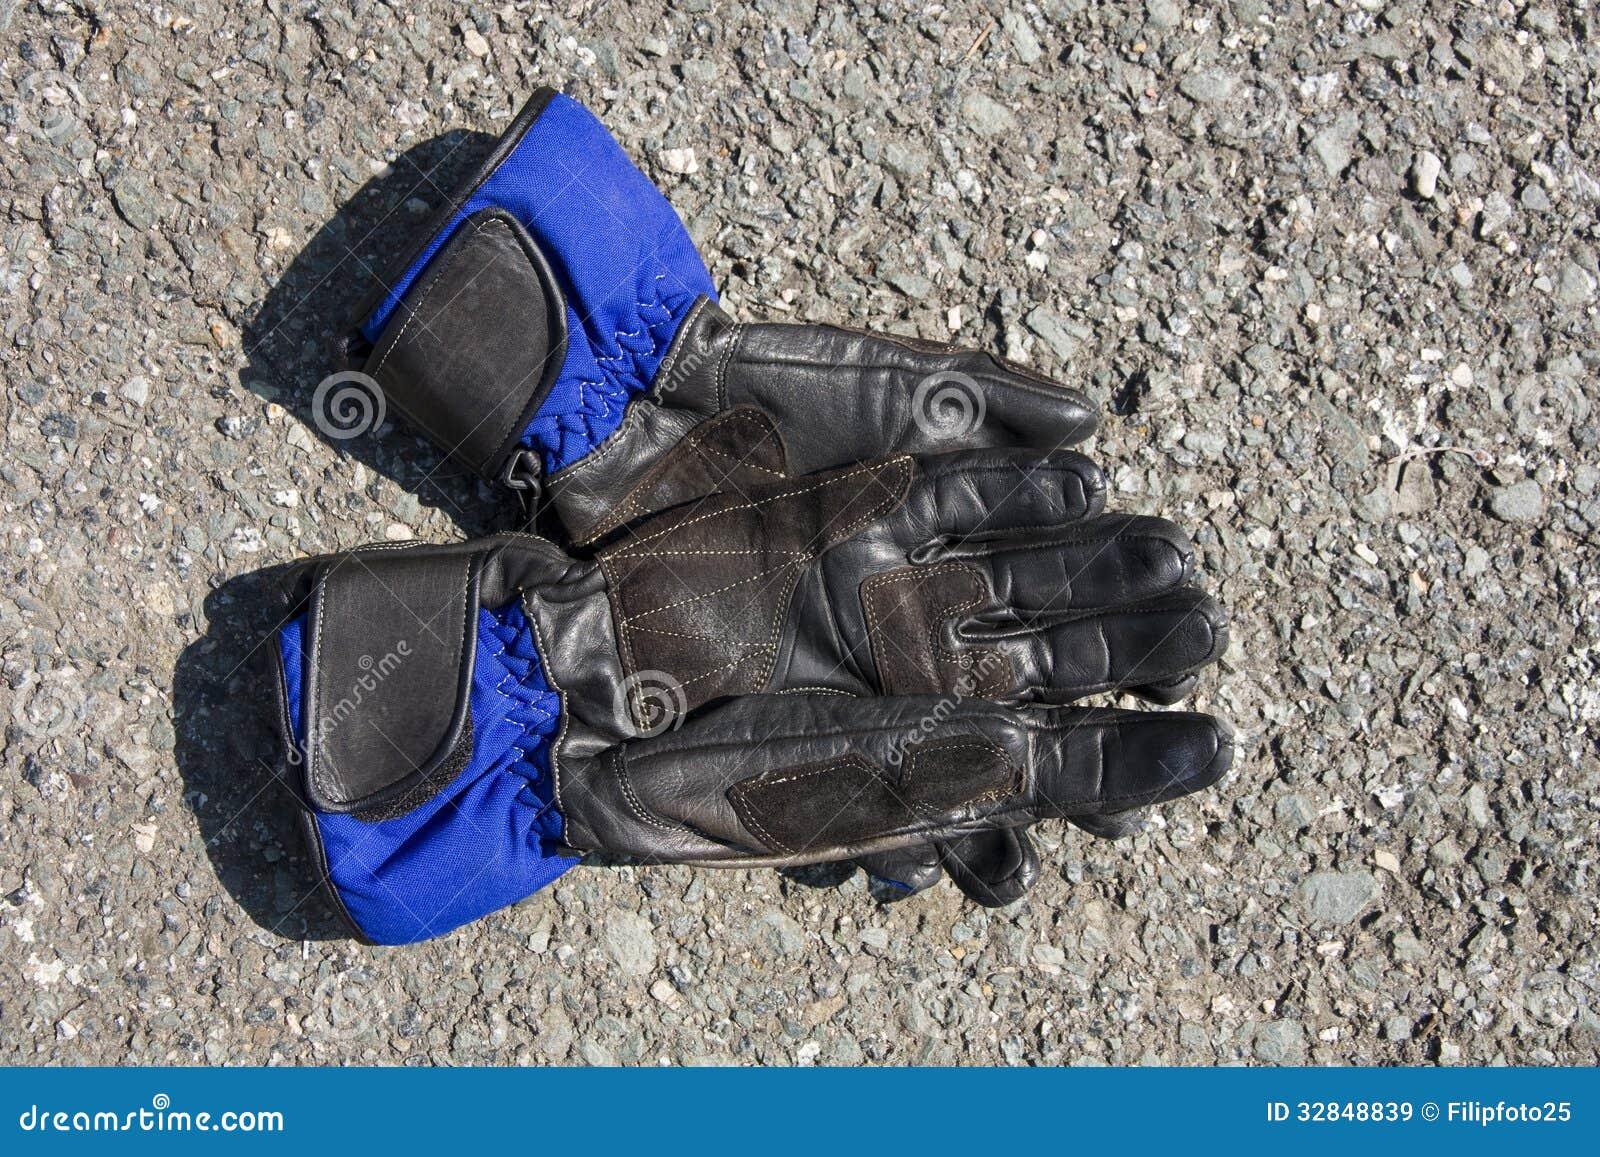 Moto handskar